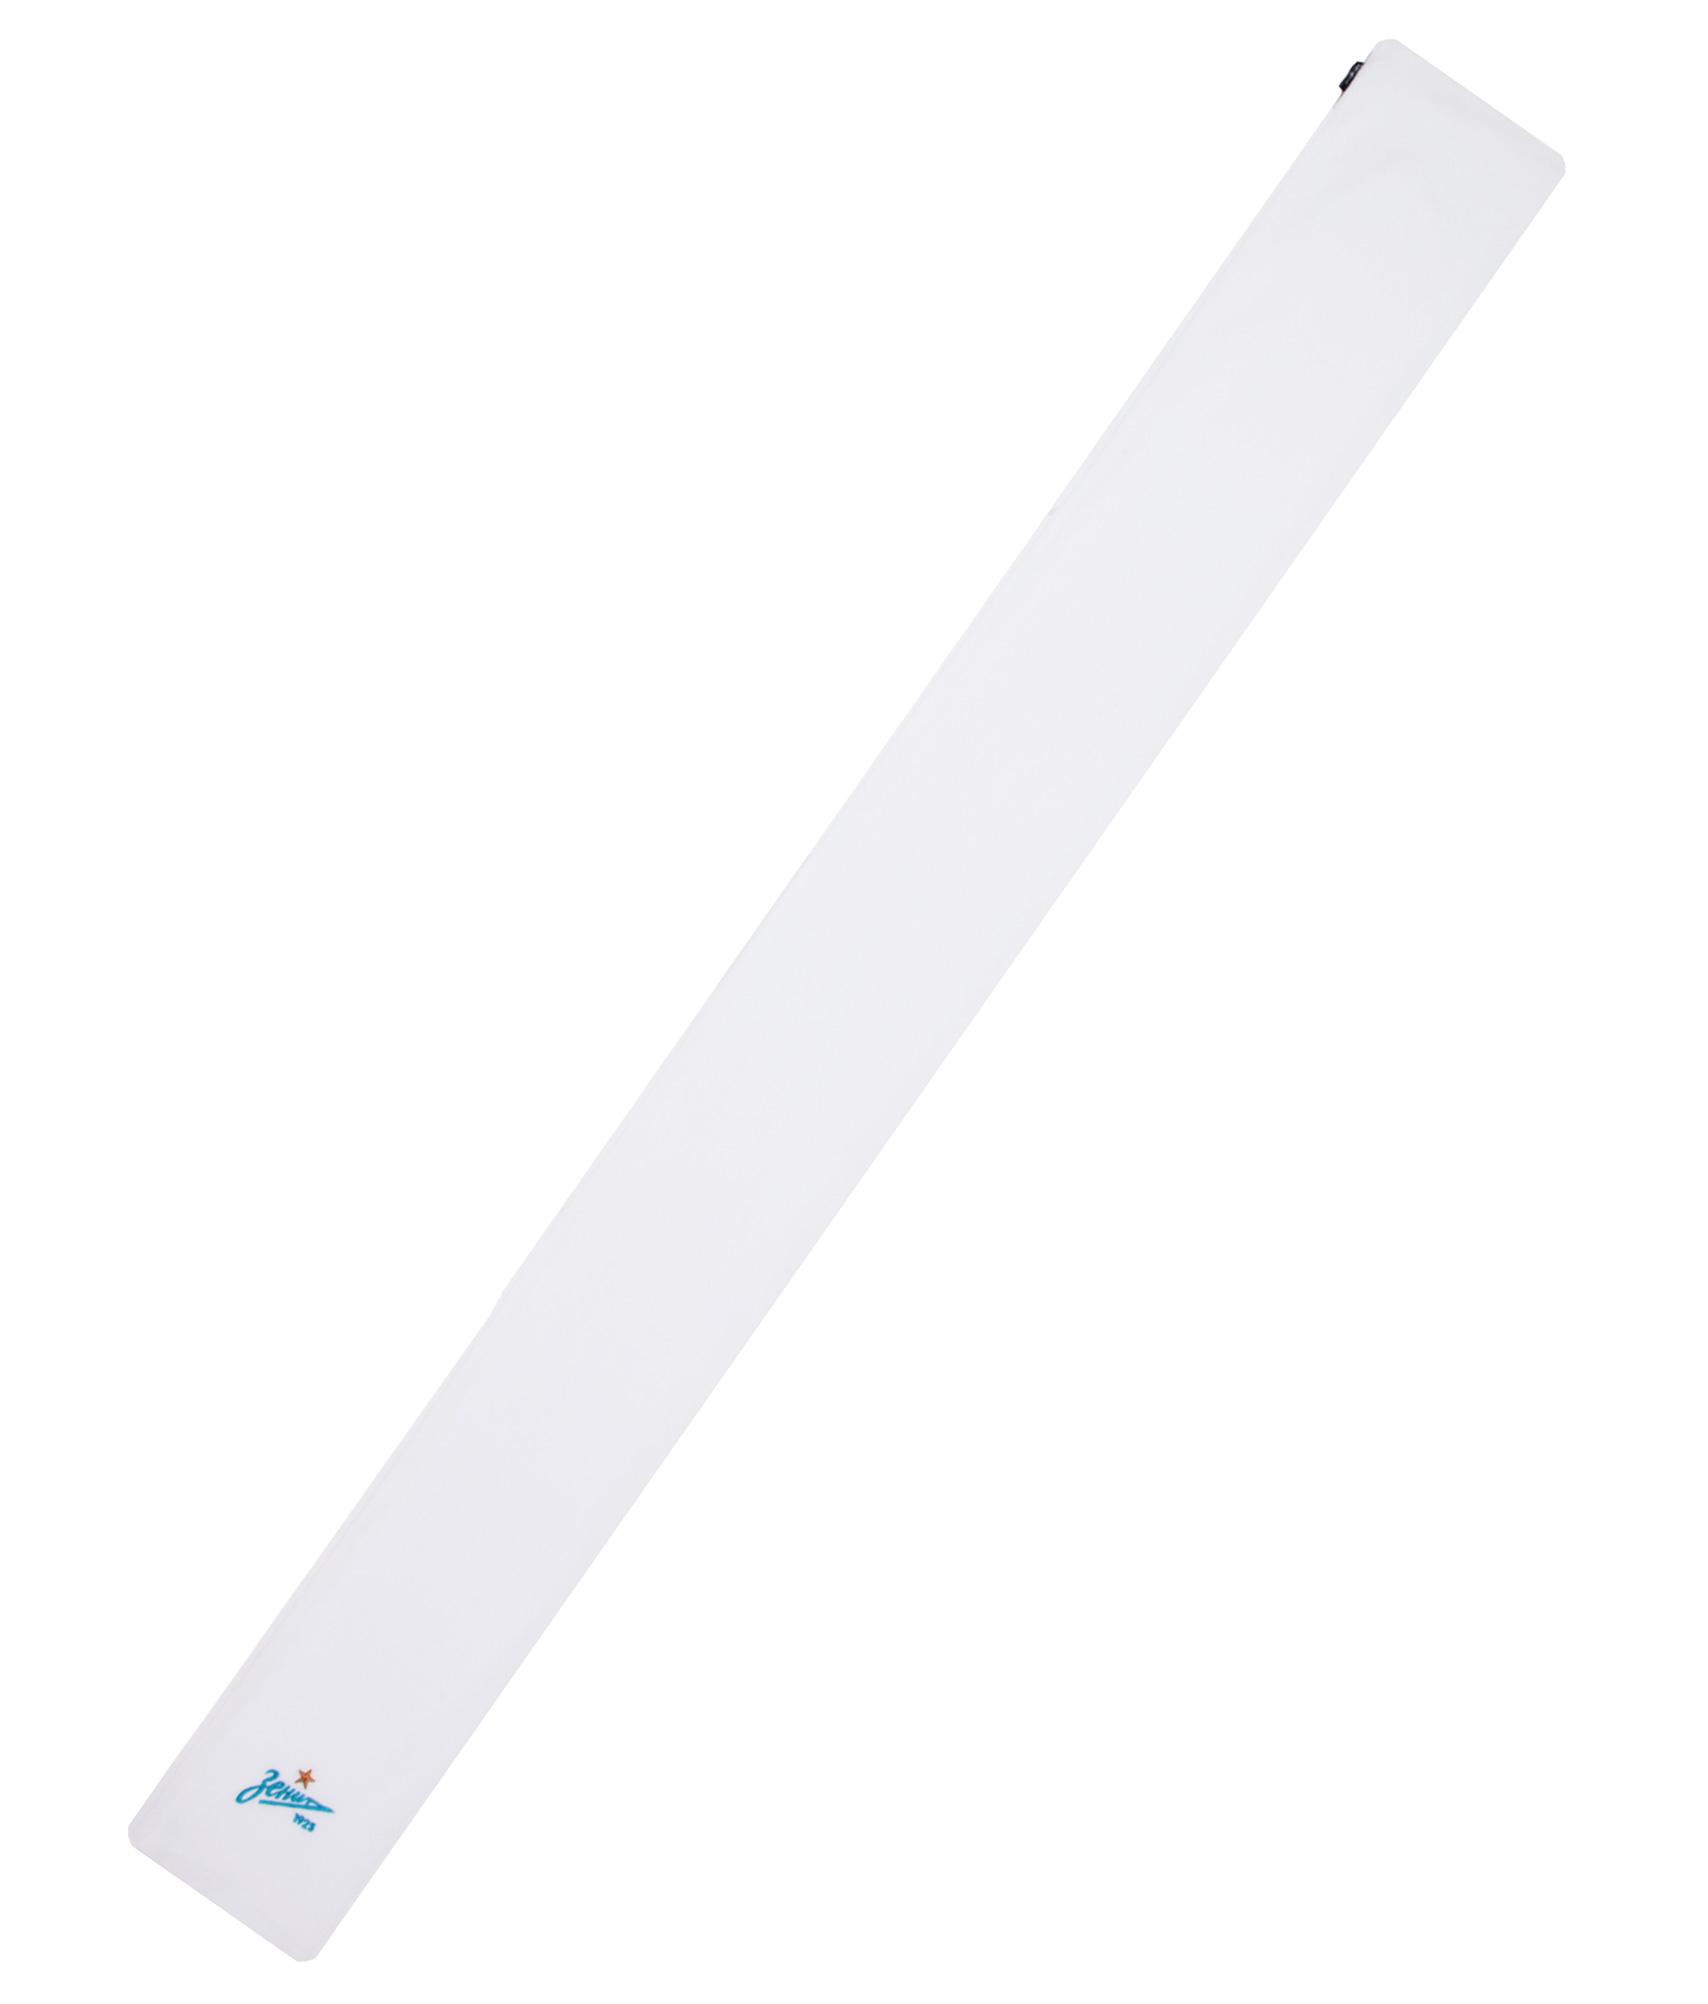 Шарф флисовый Зенит Цвет-Белый флисовый халат